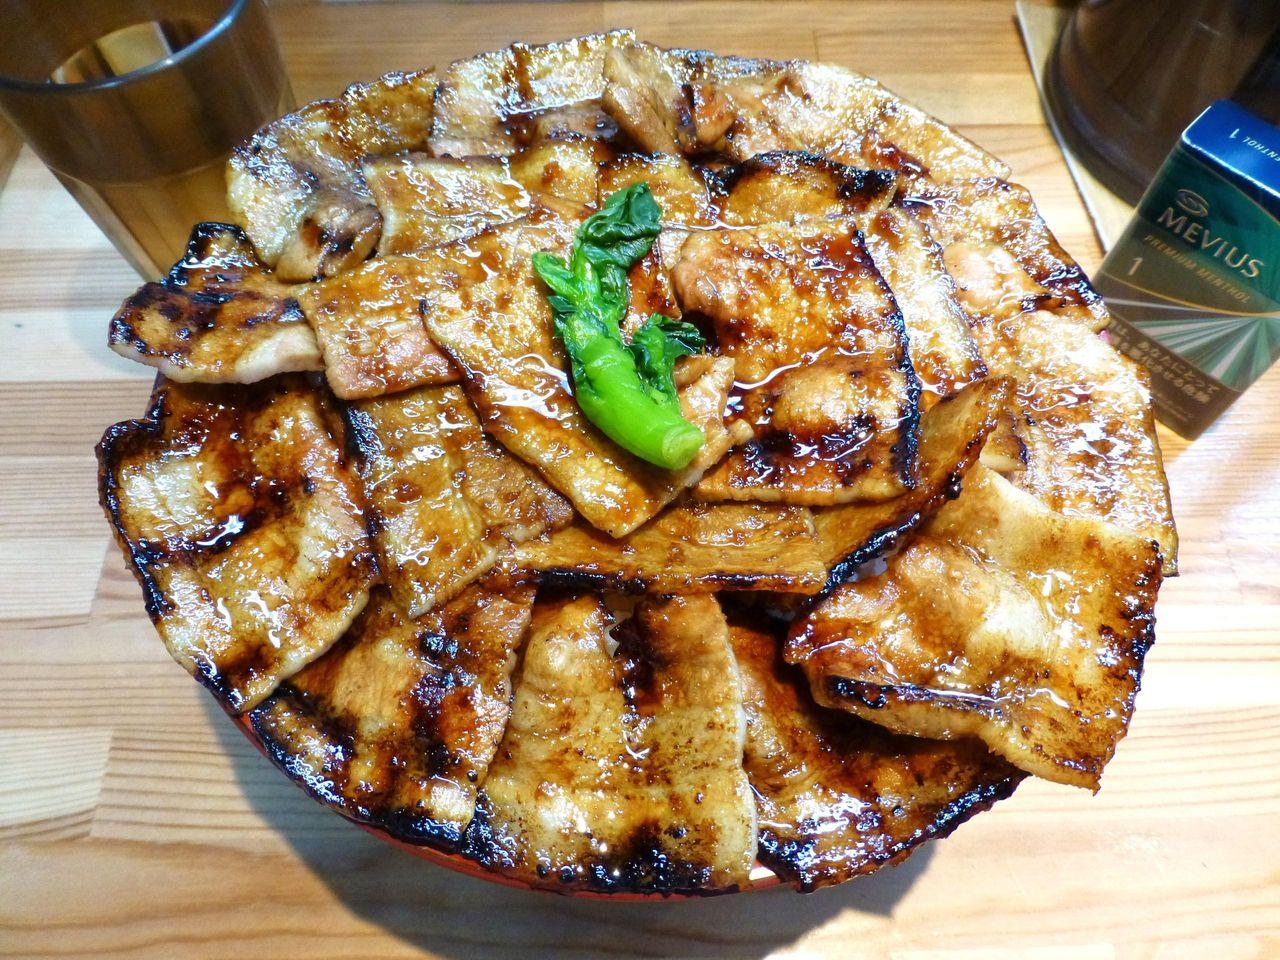 豚バラ焼肉を花びらのように並べる、とても丁寧な盛り付け!